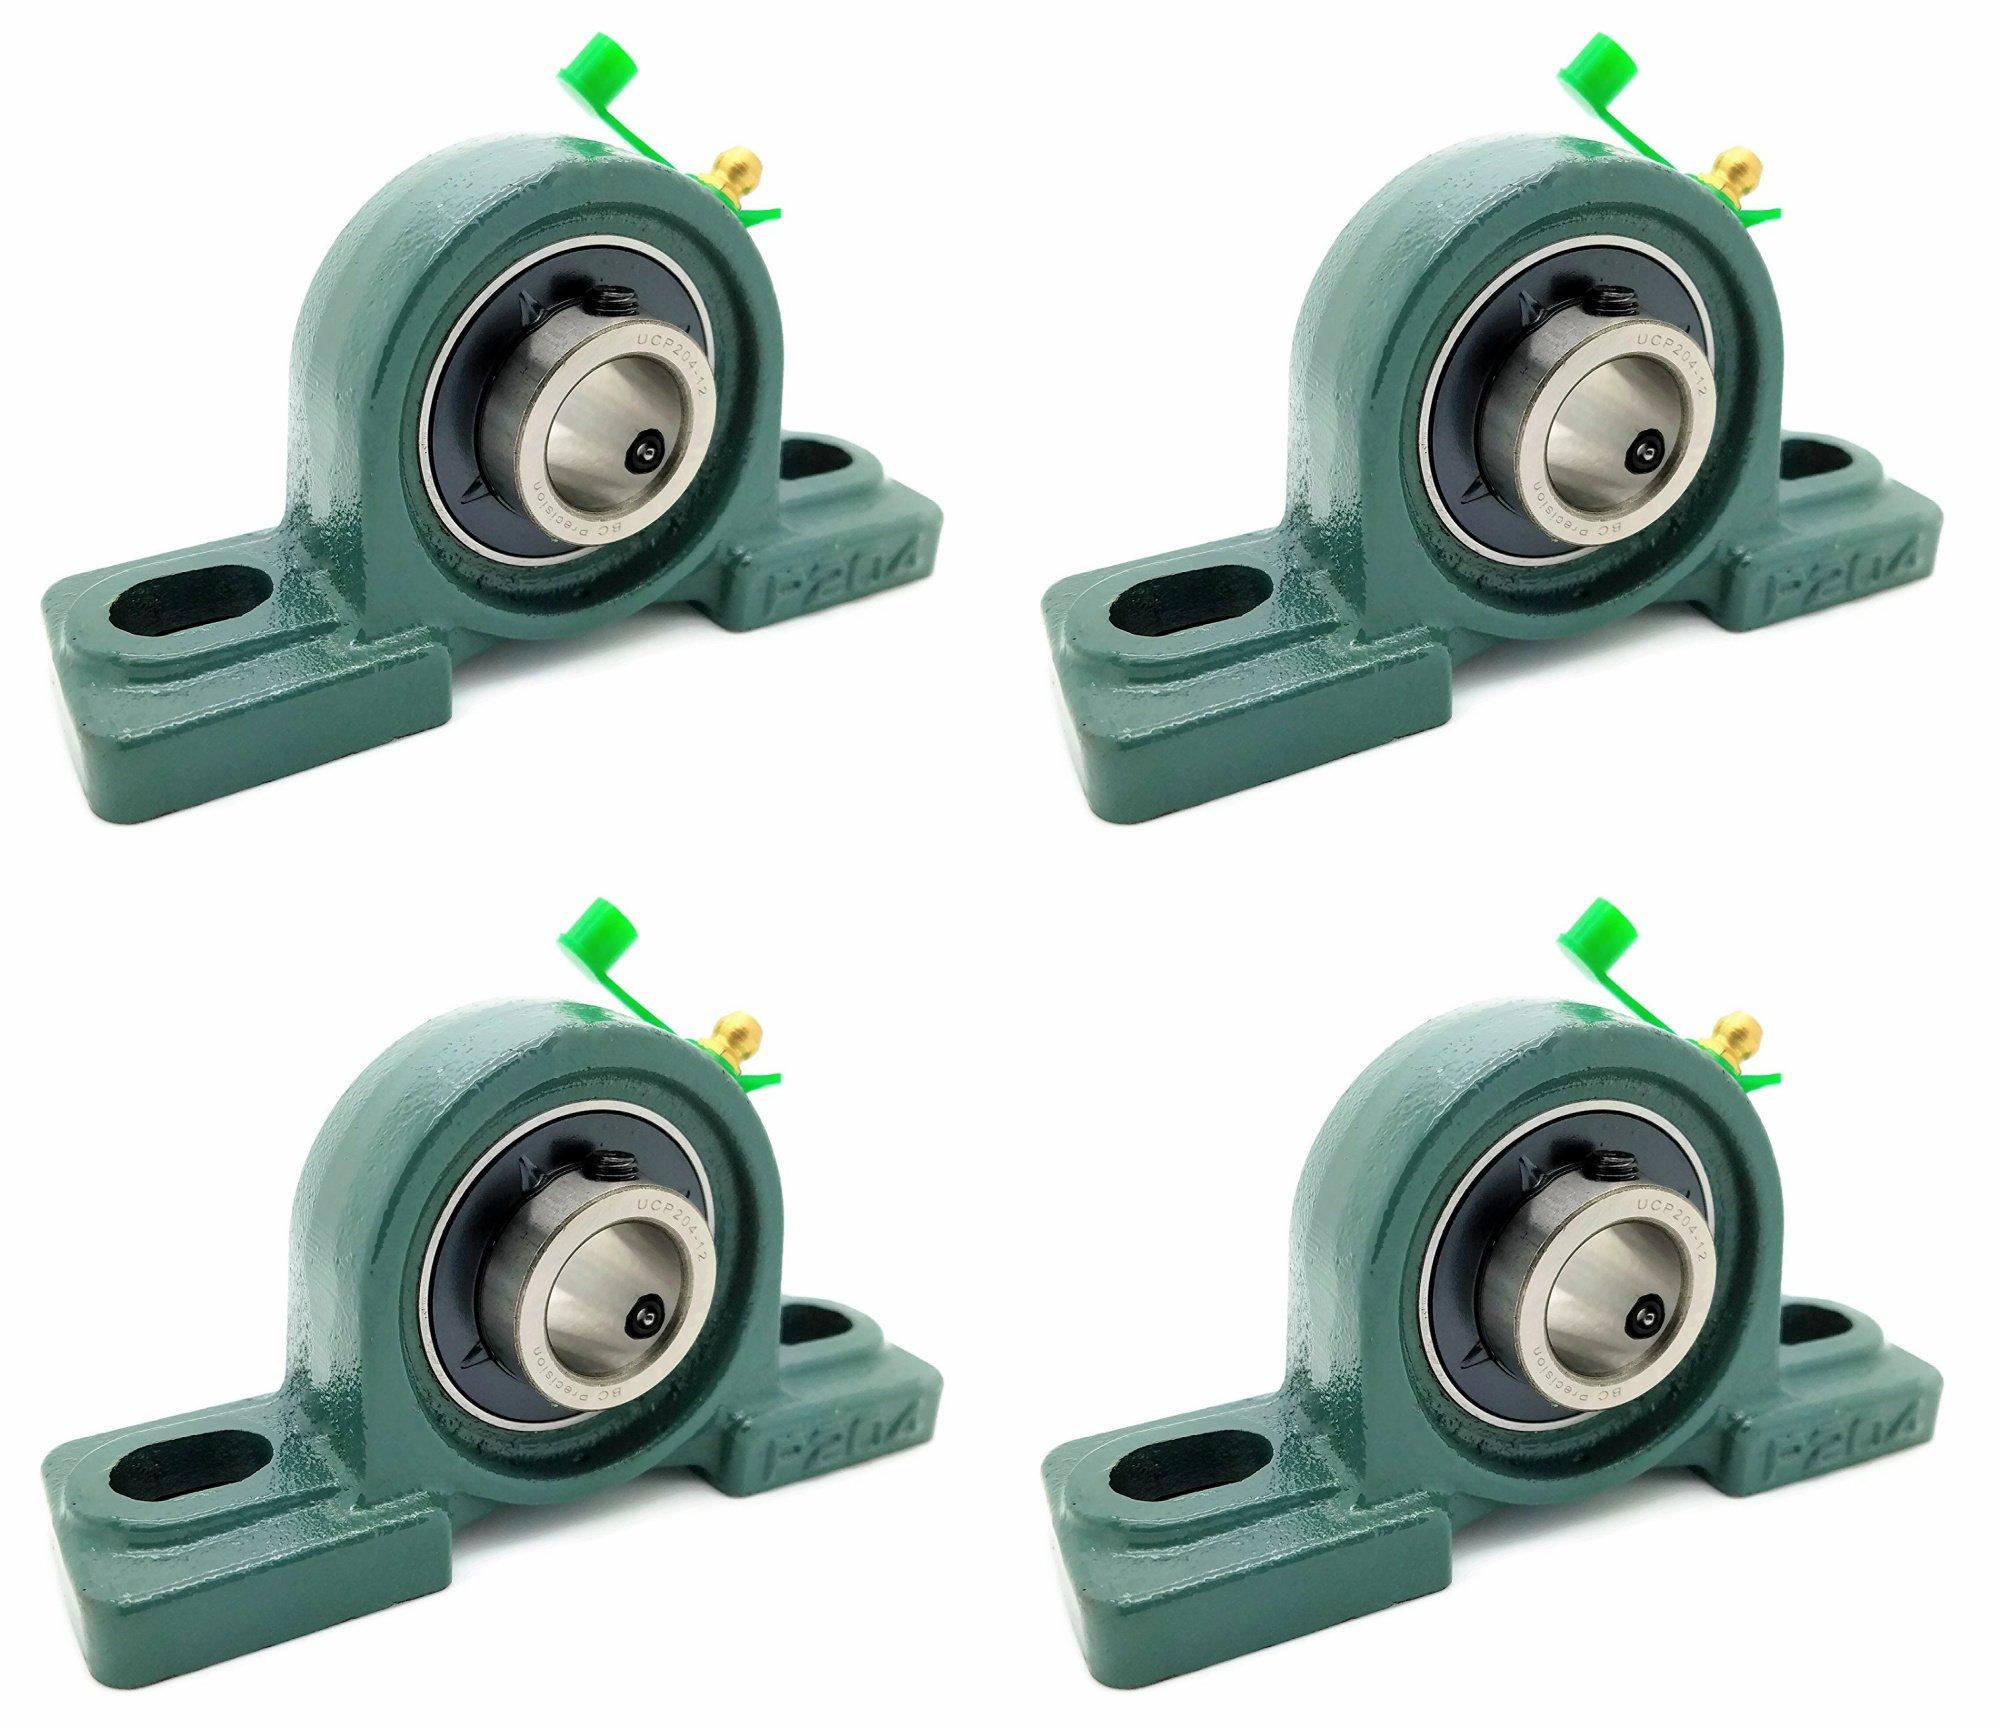 Eowpower 4Pcs 8mm Bore Diameter Flanged Ball Mounted Pillow Block Insert Bearing